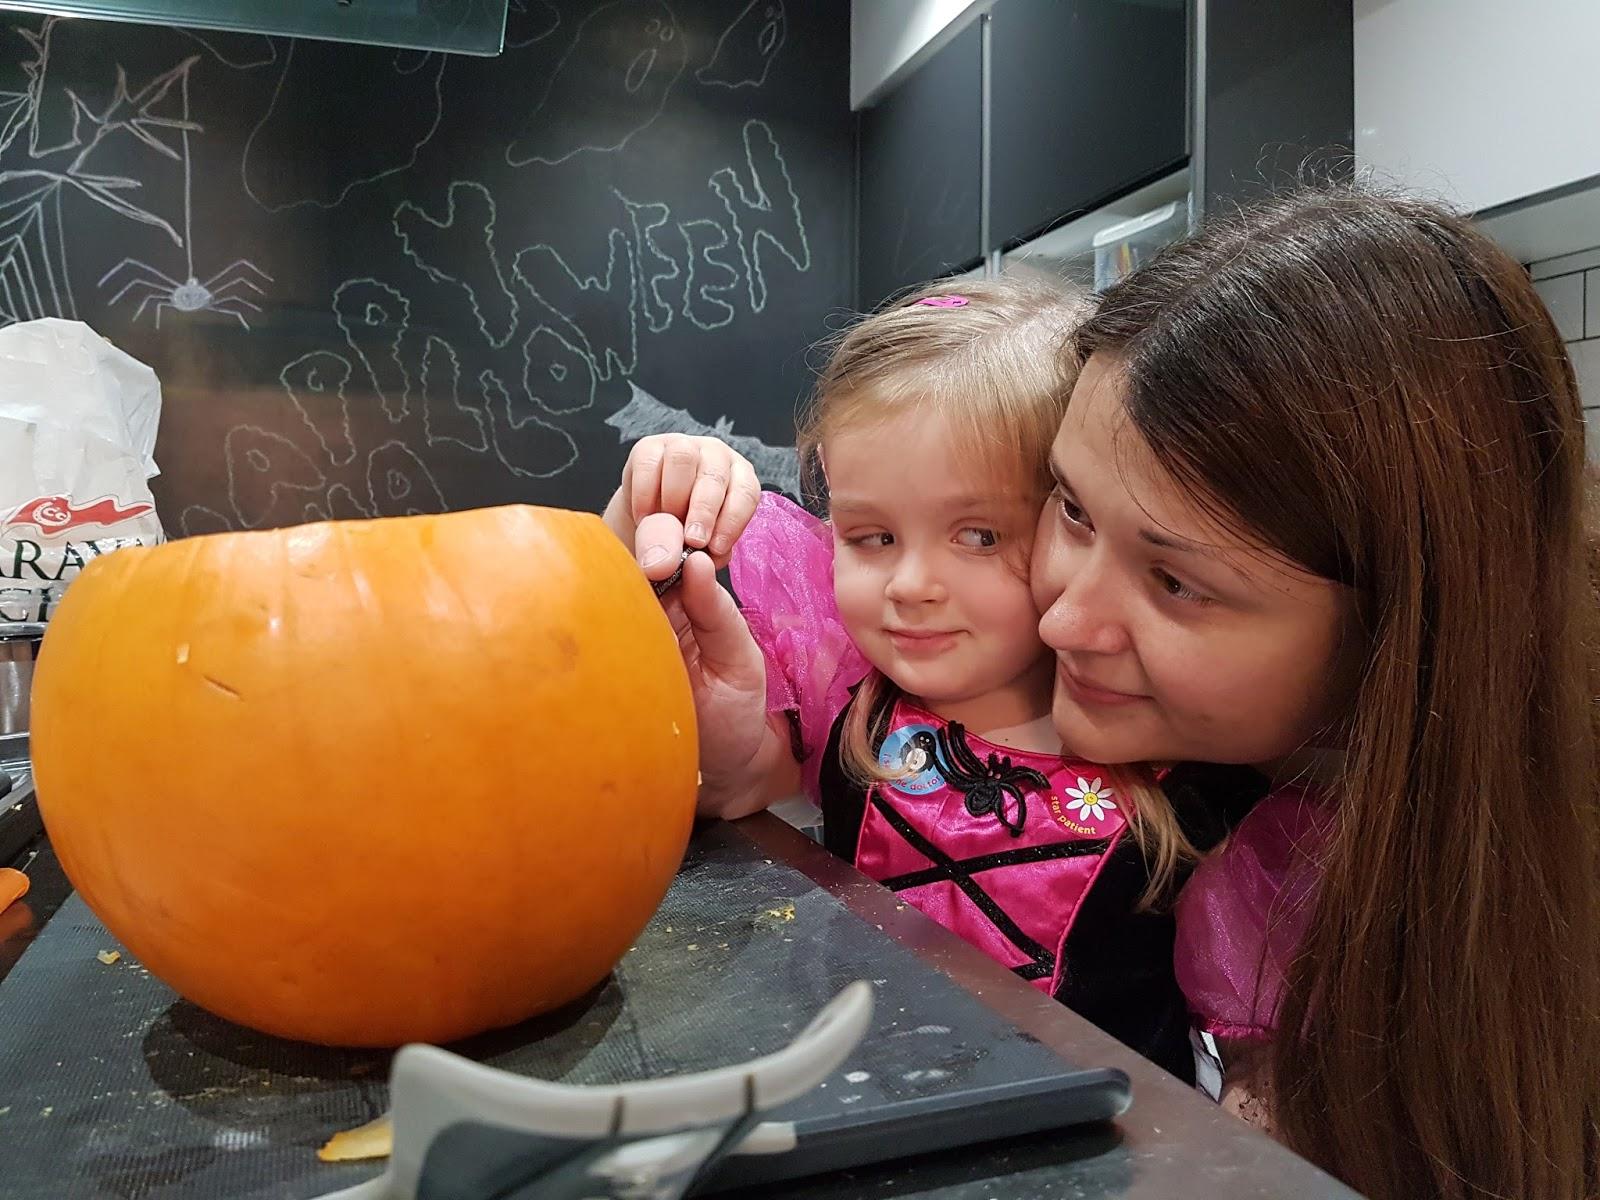 mum and daughter carving pumpkins